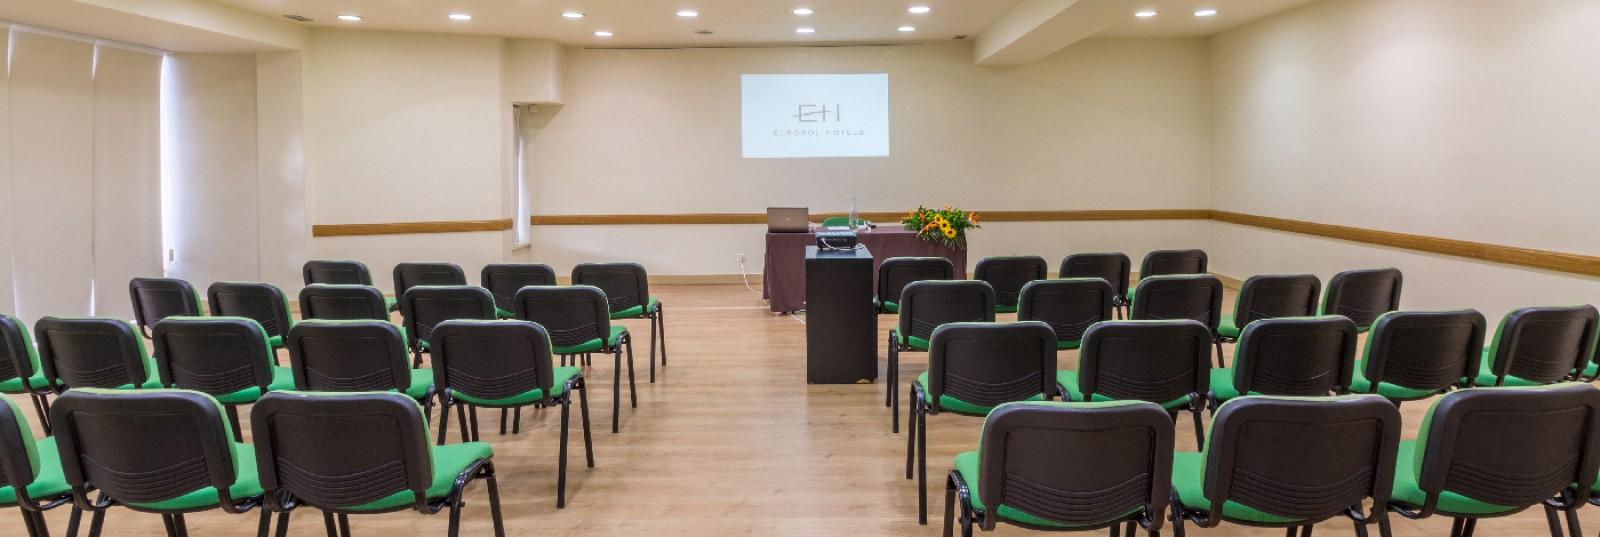 Hotel Eurosol Leiria sala de reuniones